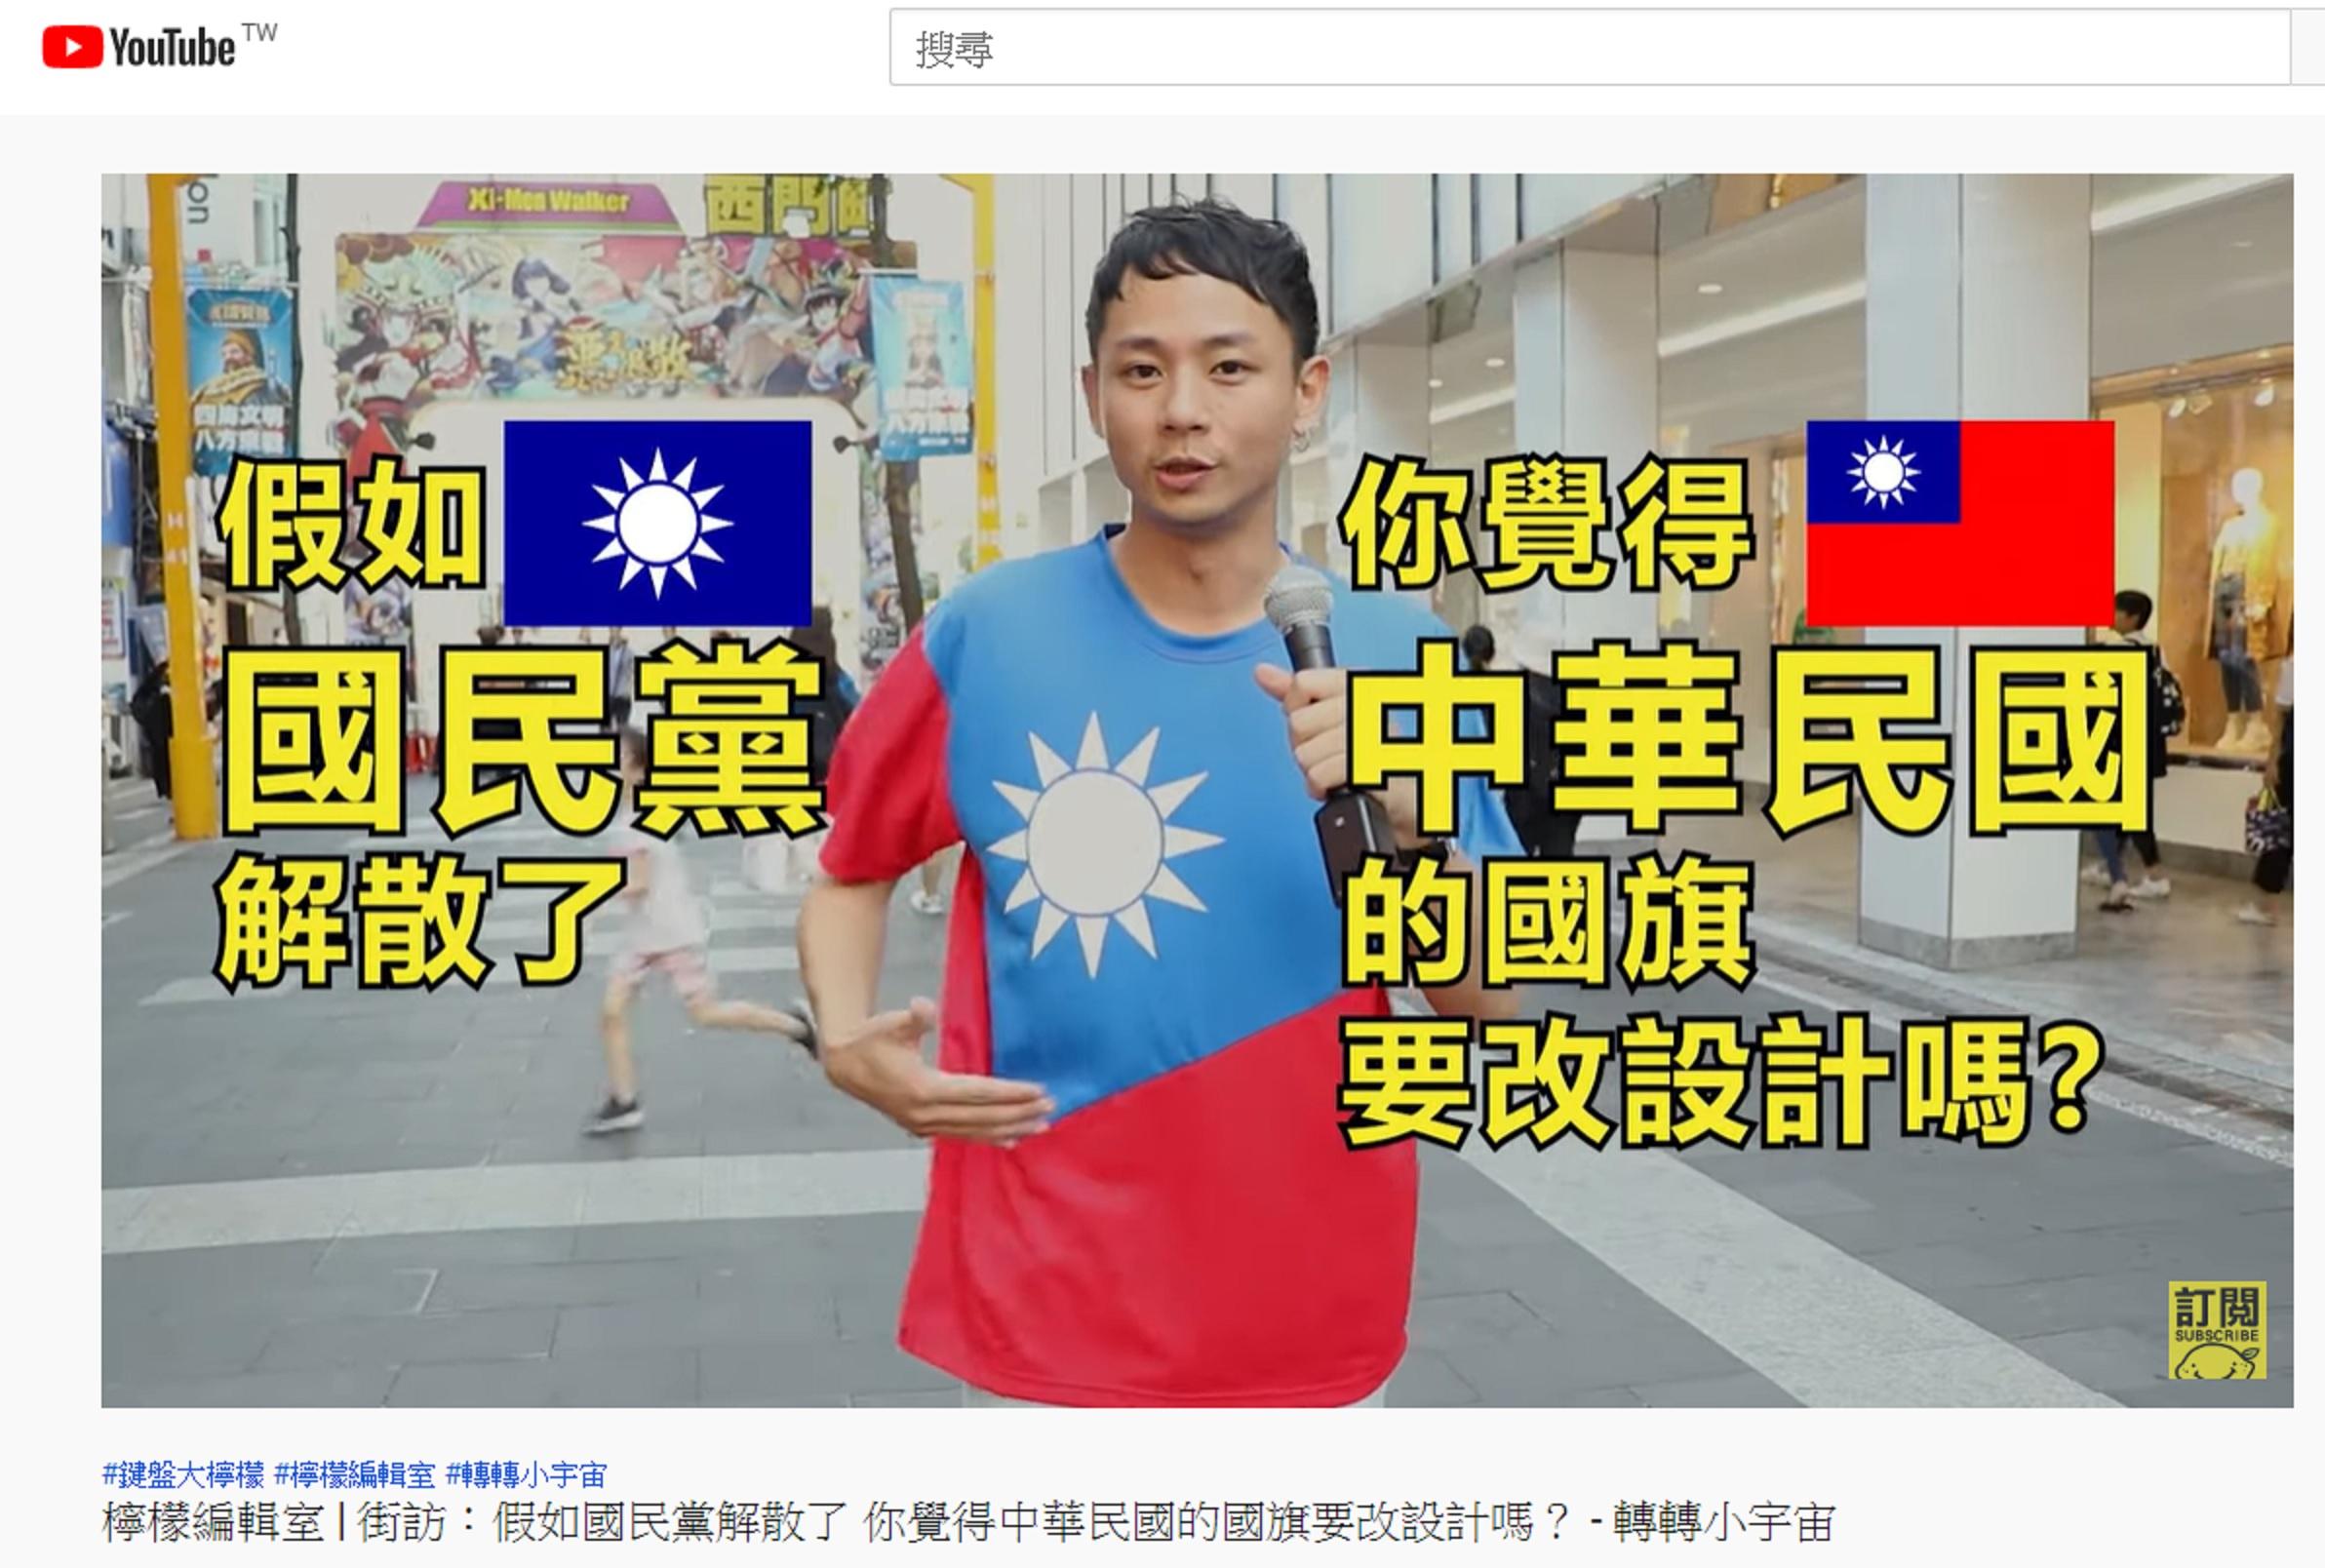 新世代談中華民國國旗